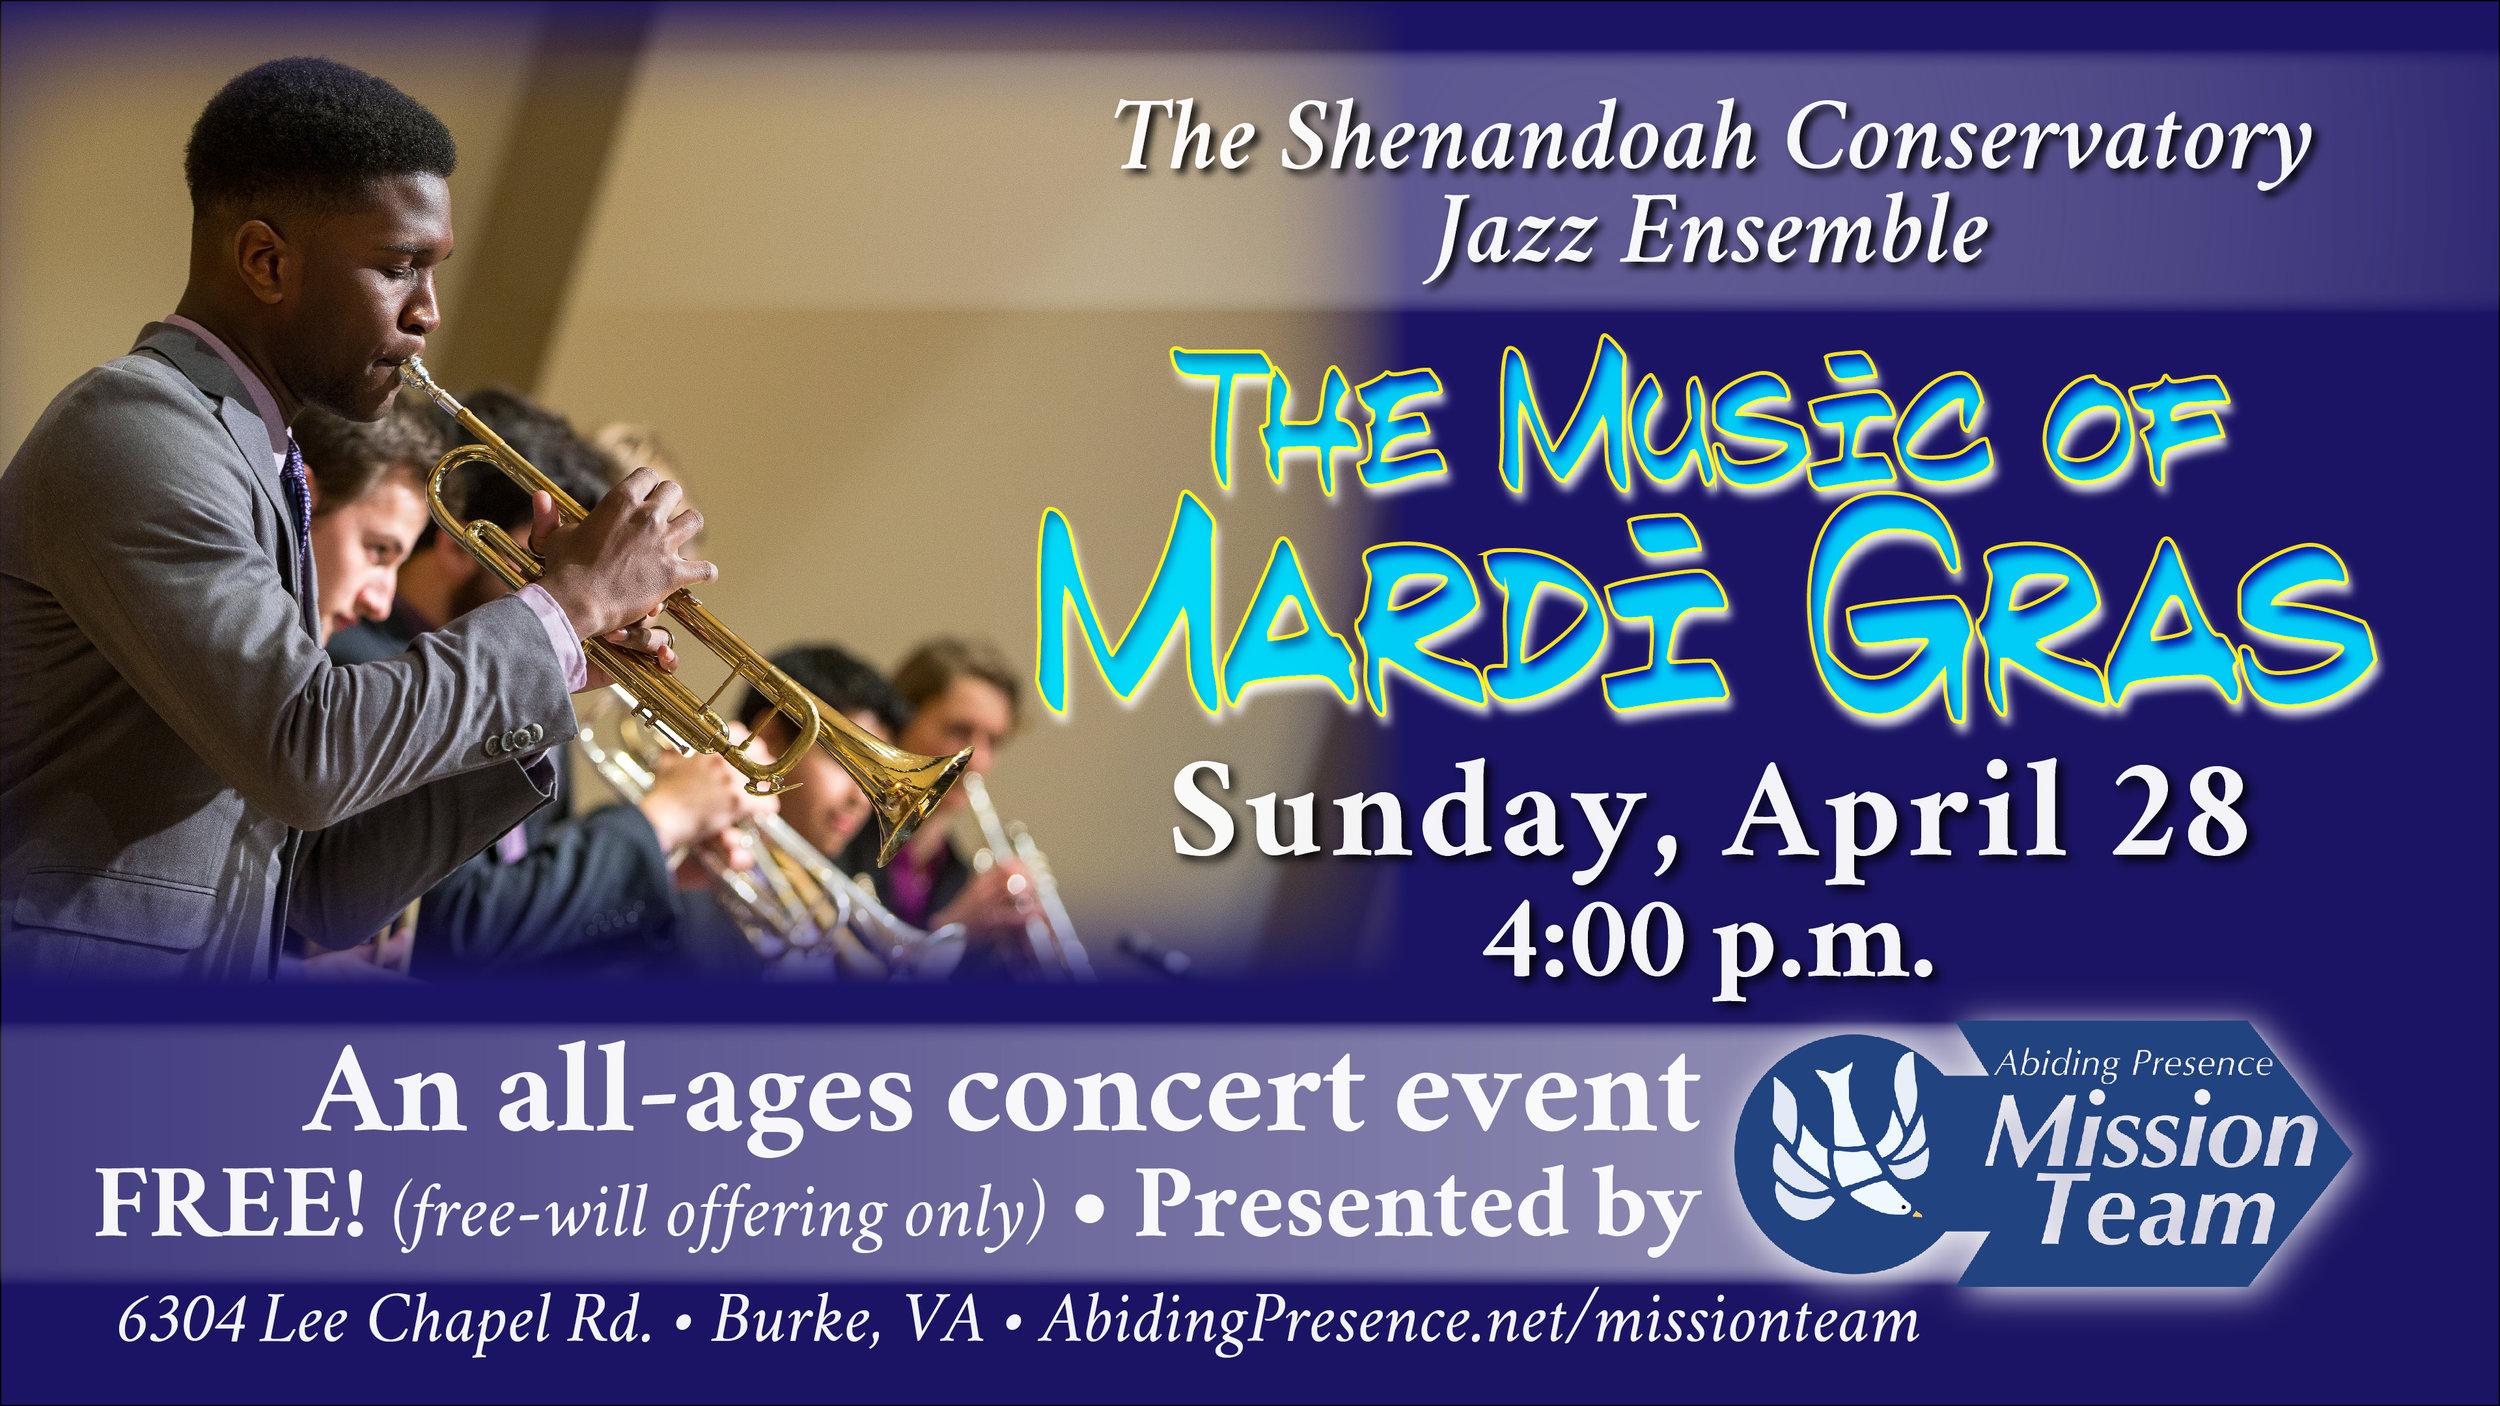 Music of Mardi Gras Jazz Concert April 28 2019 slide v1.jpg